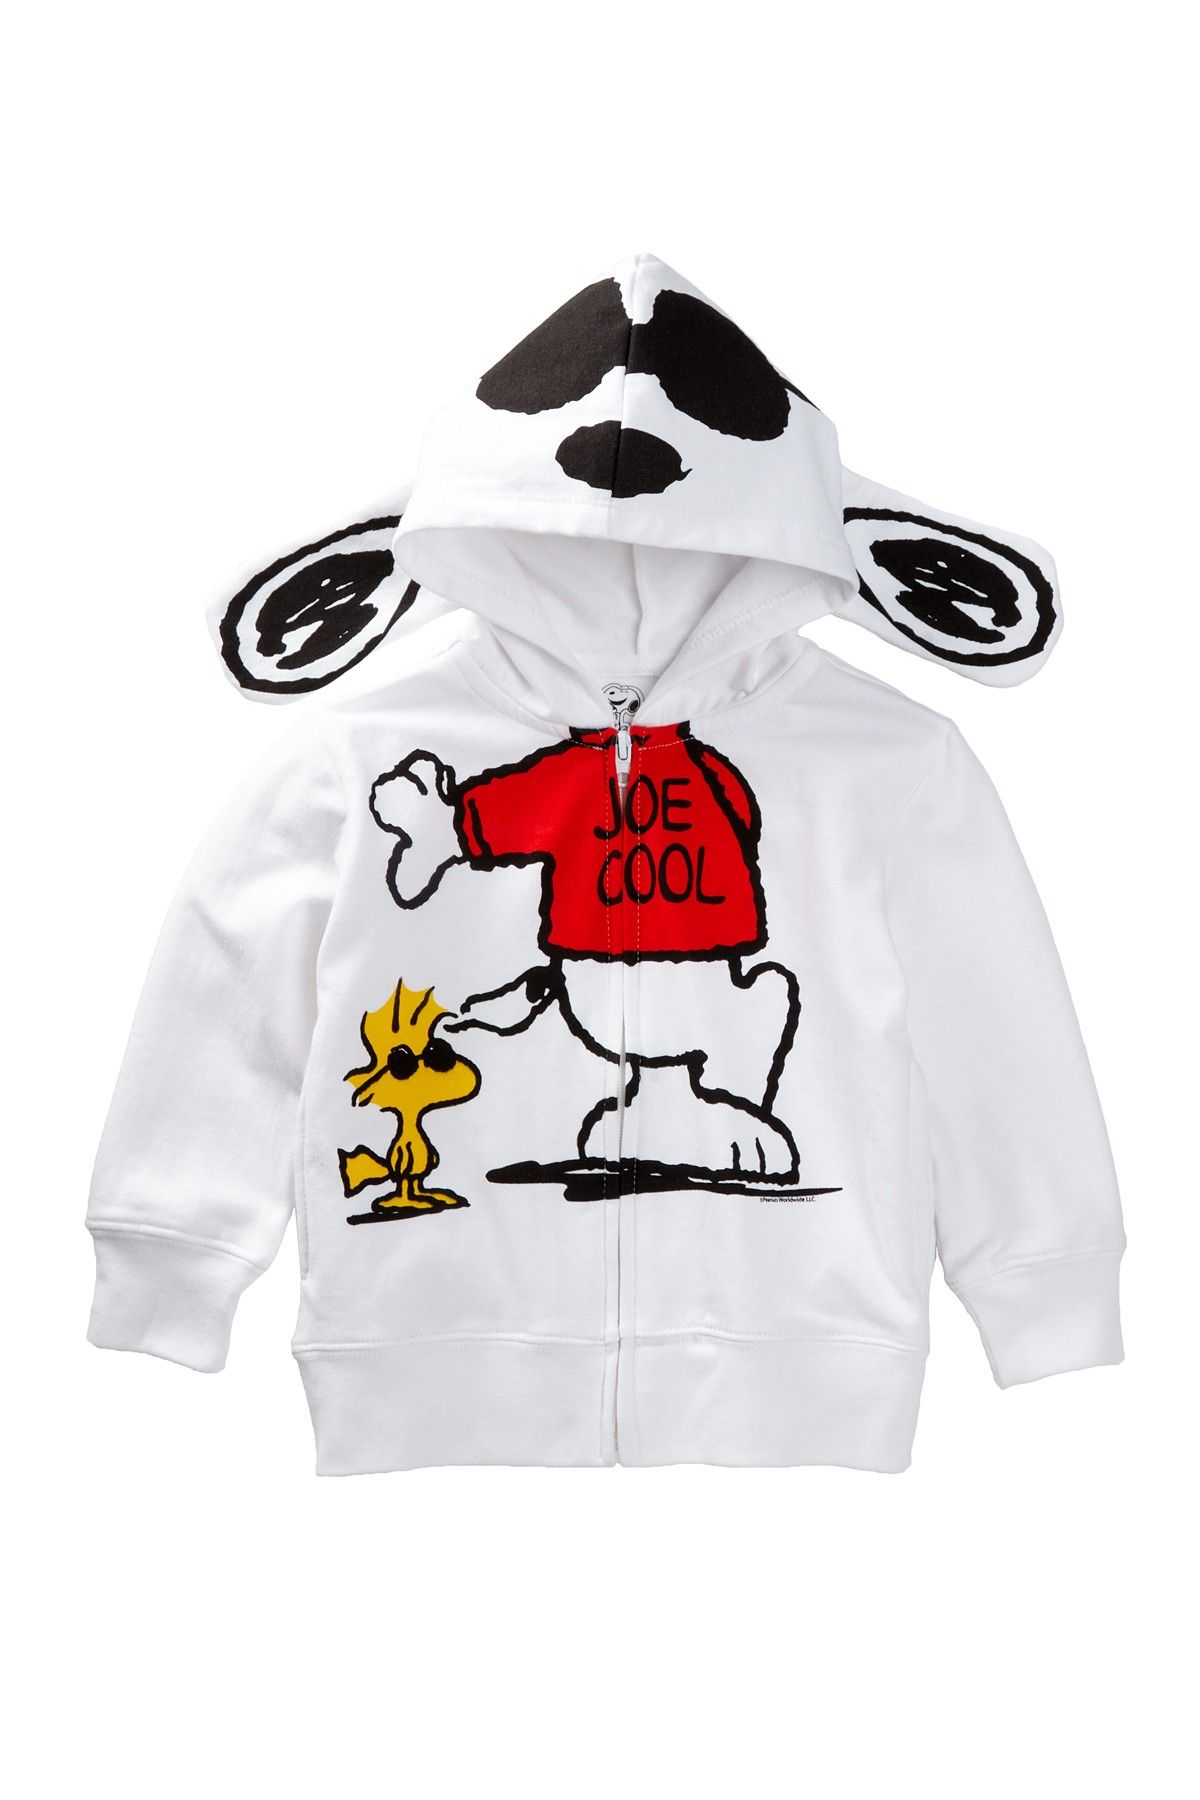 ee31f7801c Snoopy Joe Cool Costume Hoodie (Toddler Boys) by FREEZE on  nordstrom rack